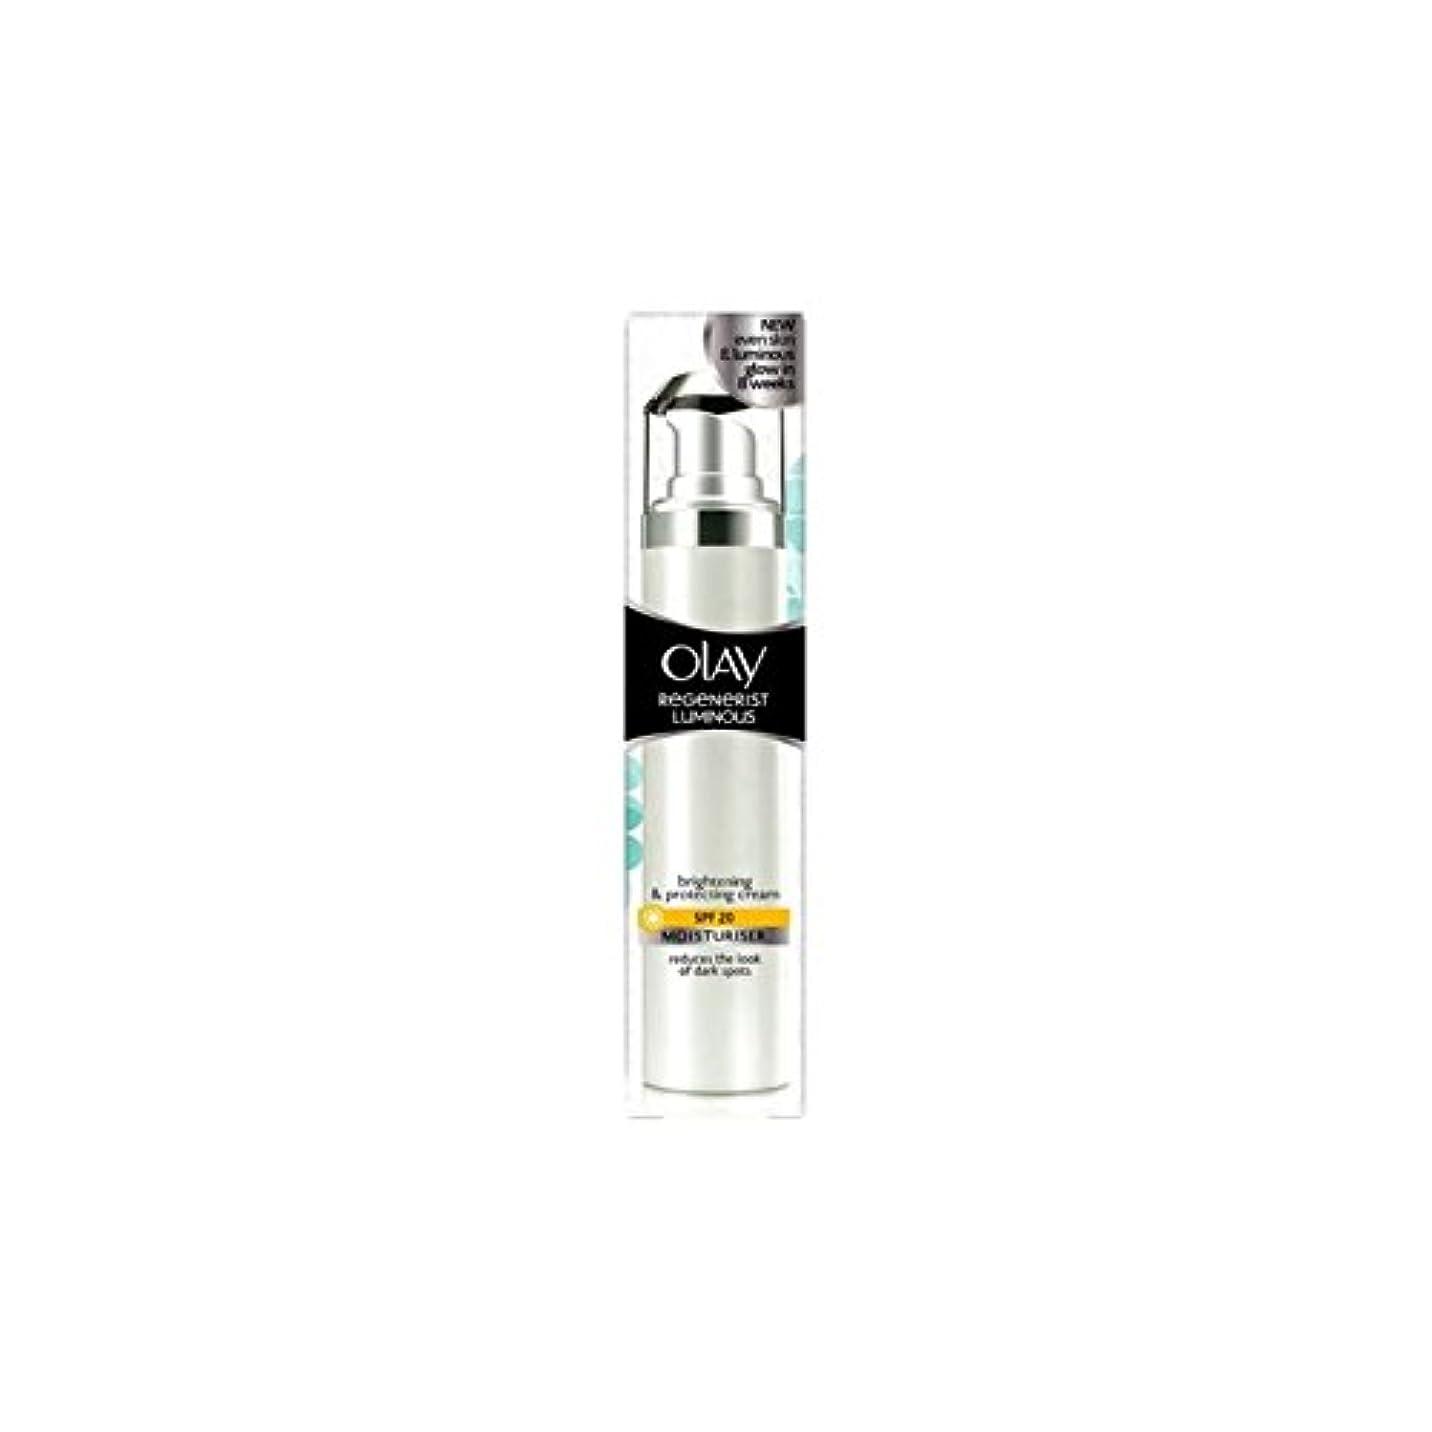 ペンマッシュトライアスリートOlay Regenerist Luminous Day Cream Spf20 (50ml) - オーレイリジェネ発光デイクリーム20(50ミリリットル) [並行輸入品]